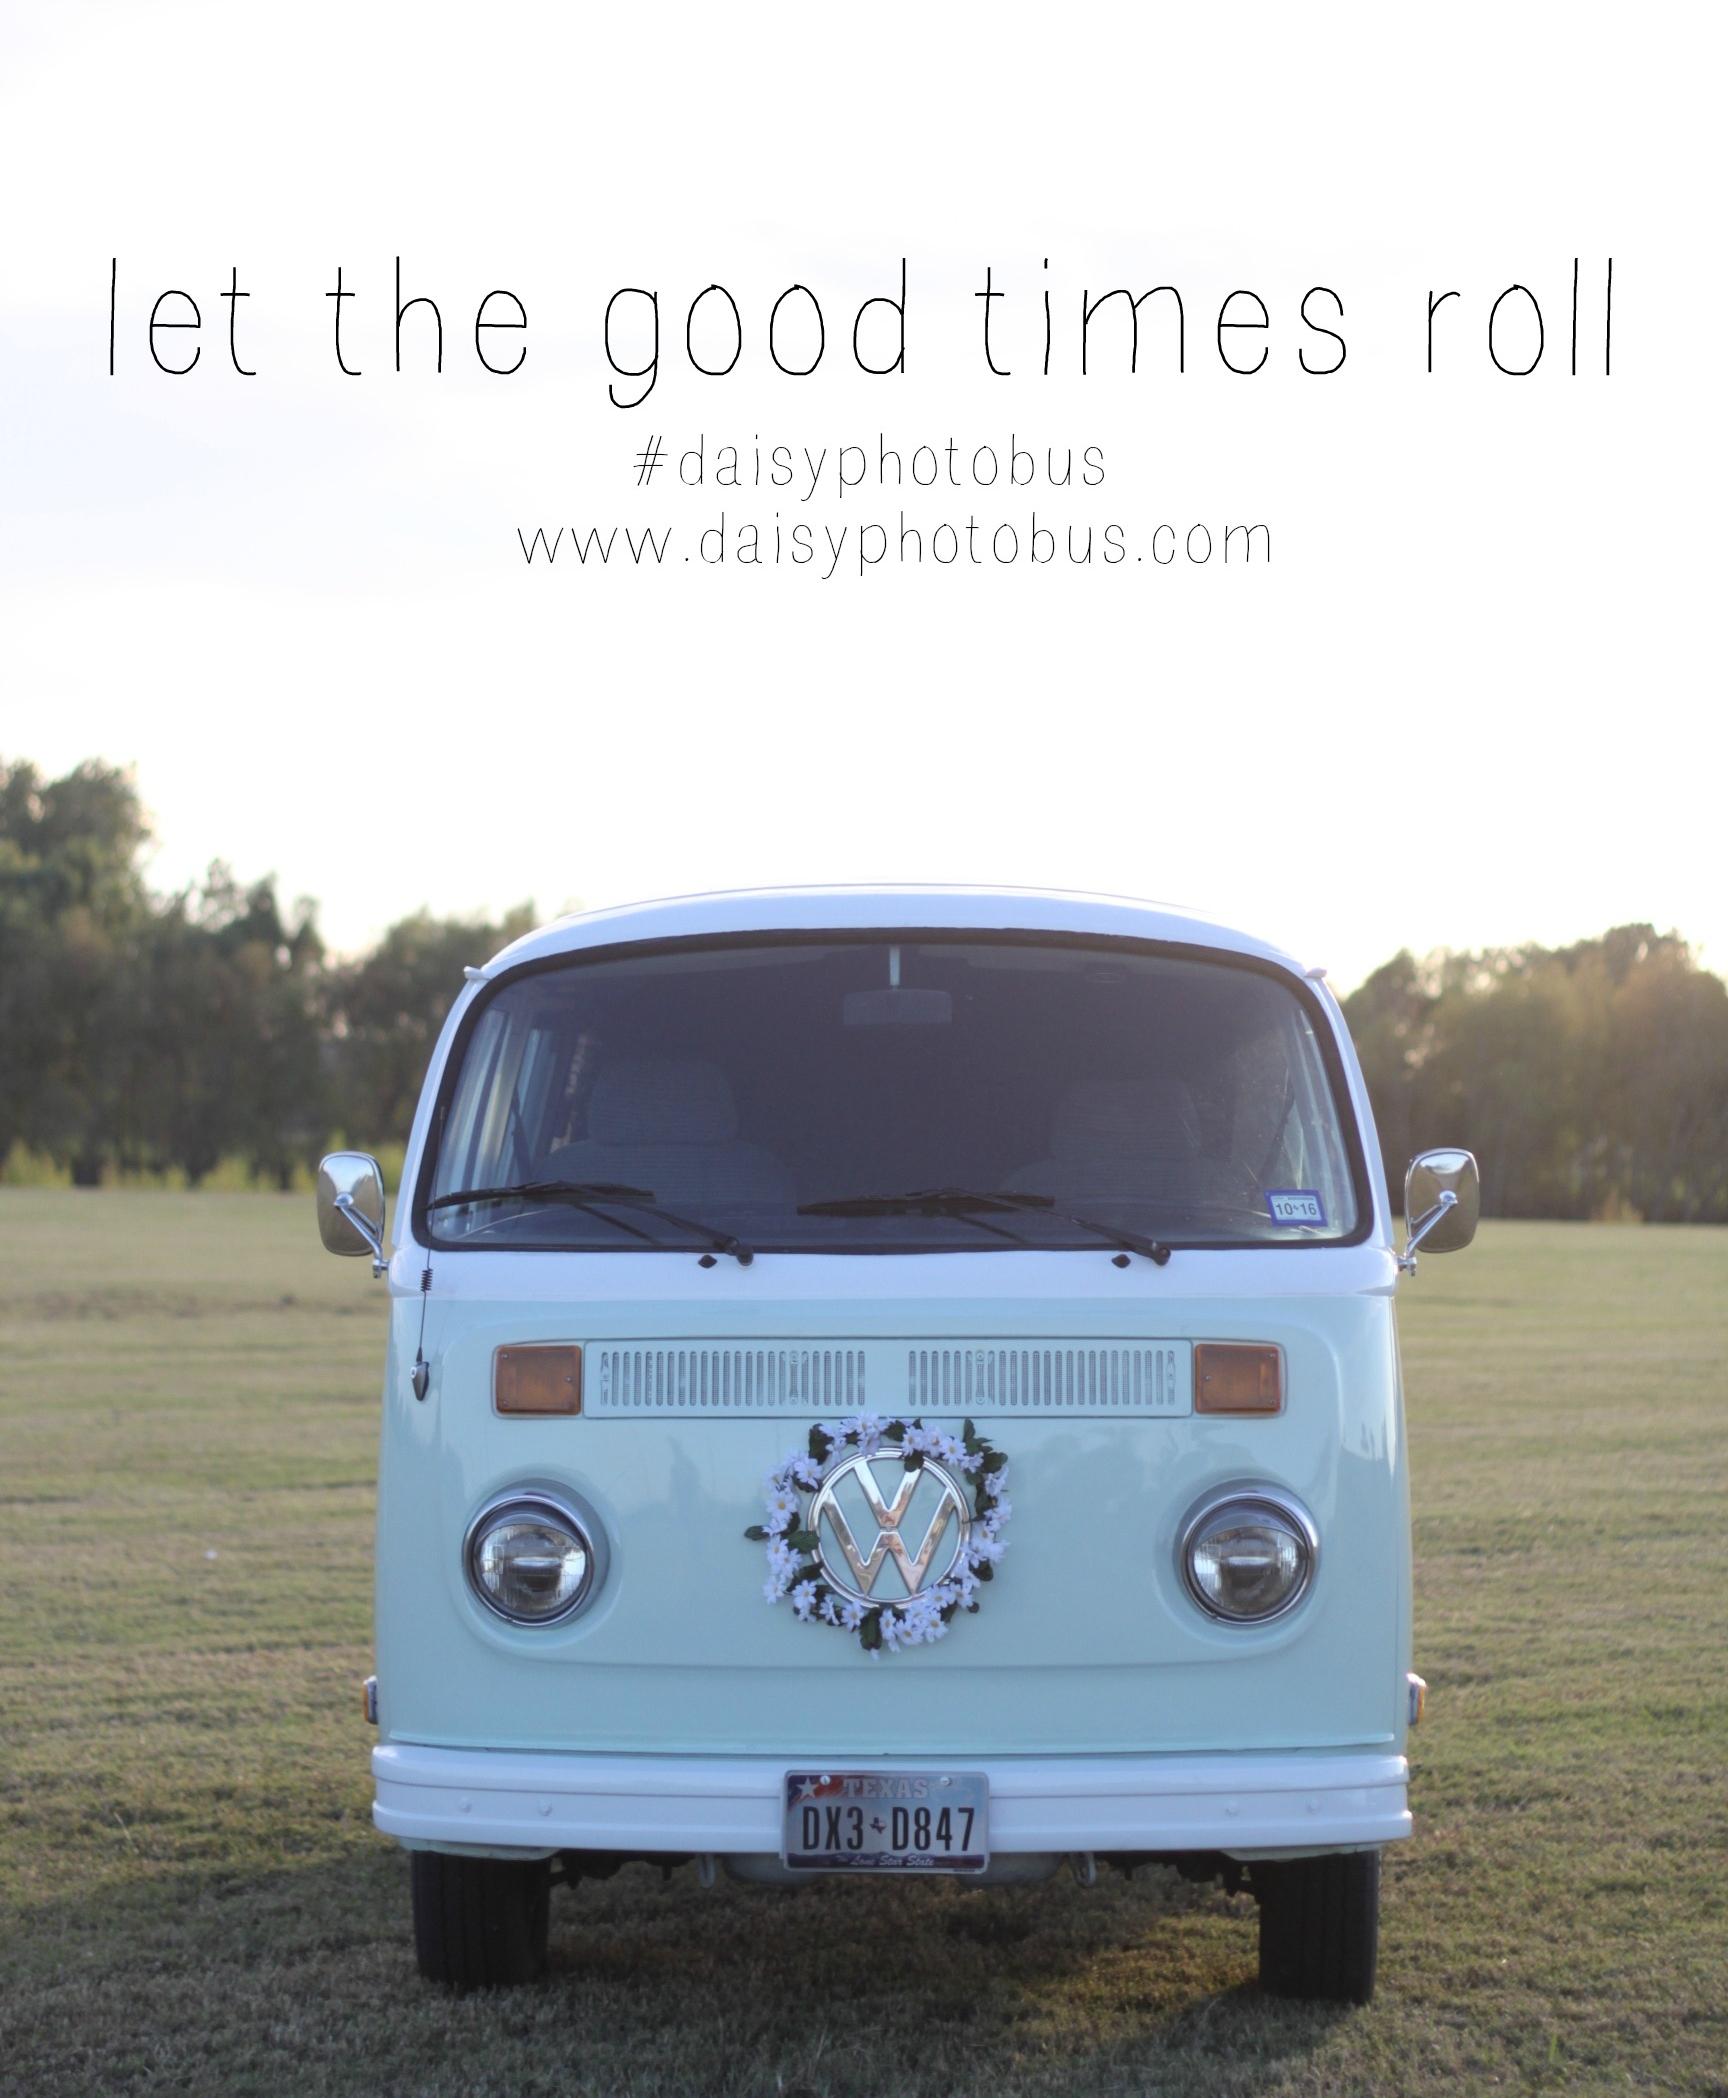 daisy photobus contact us